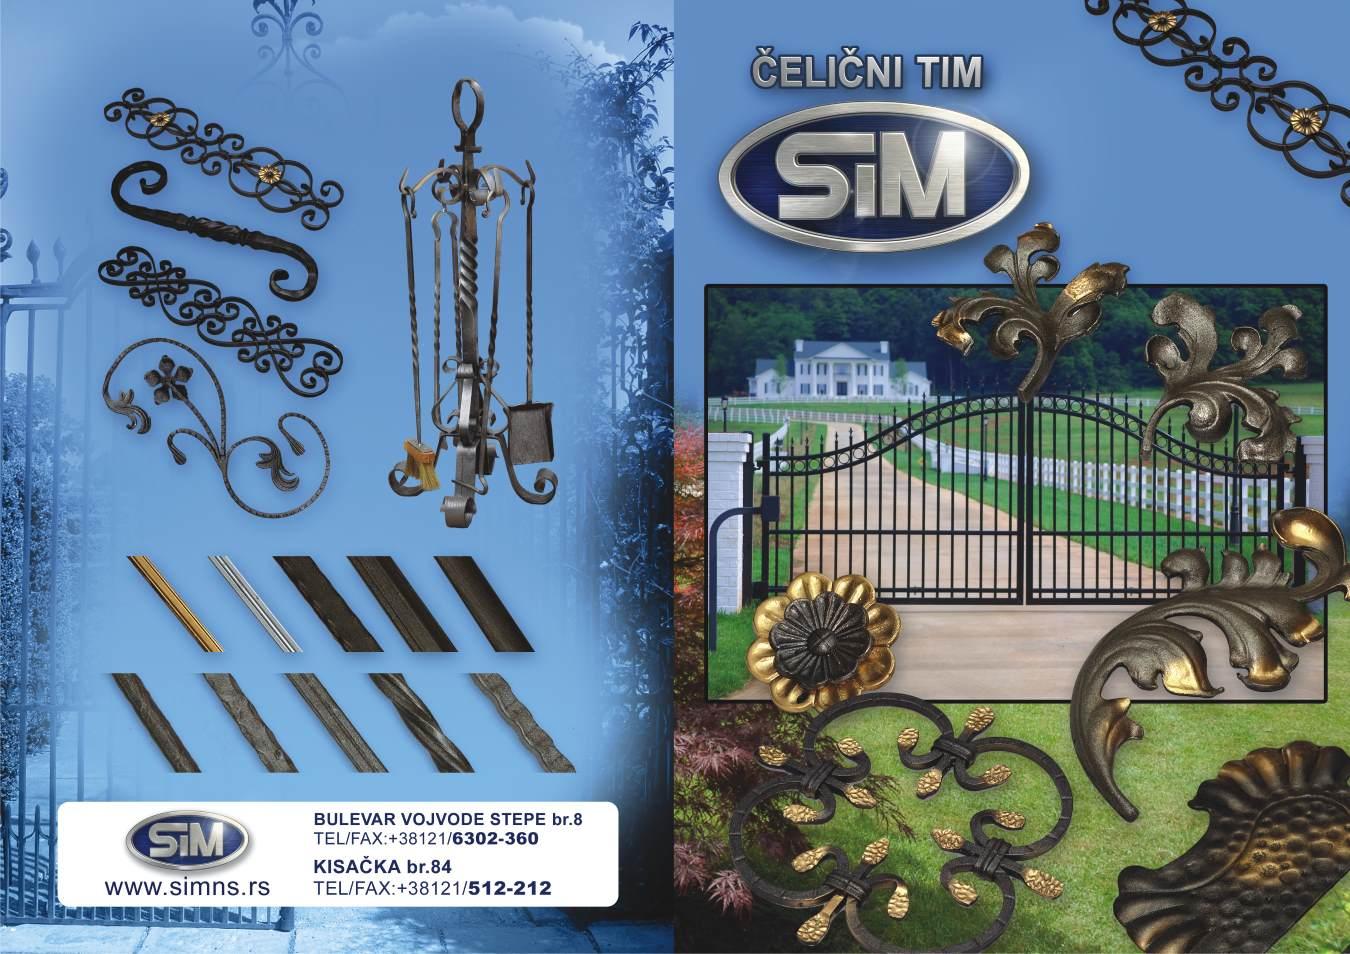 sim-katalog-1-4